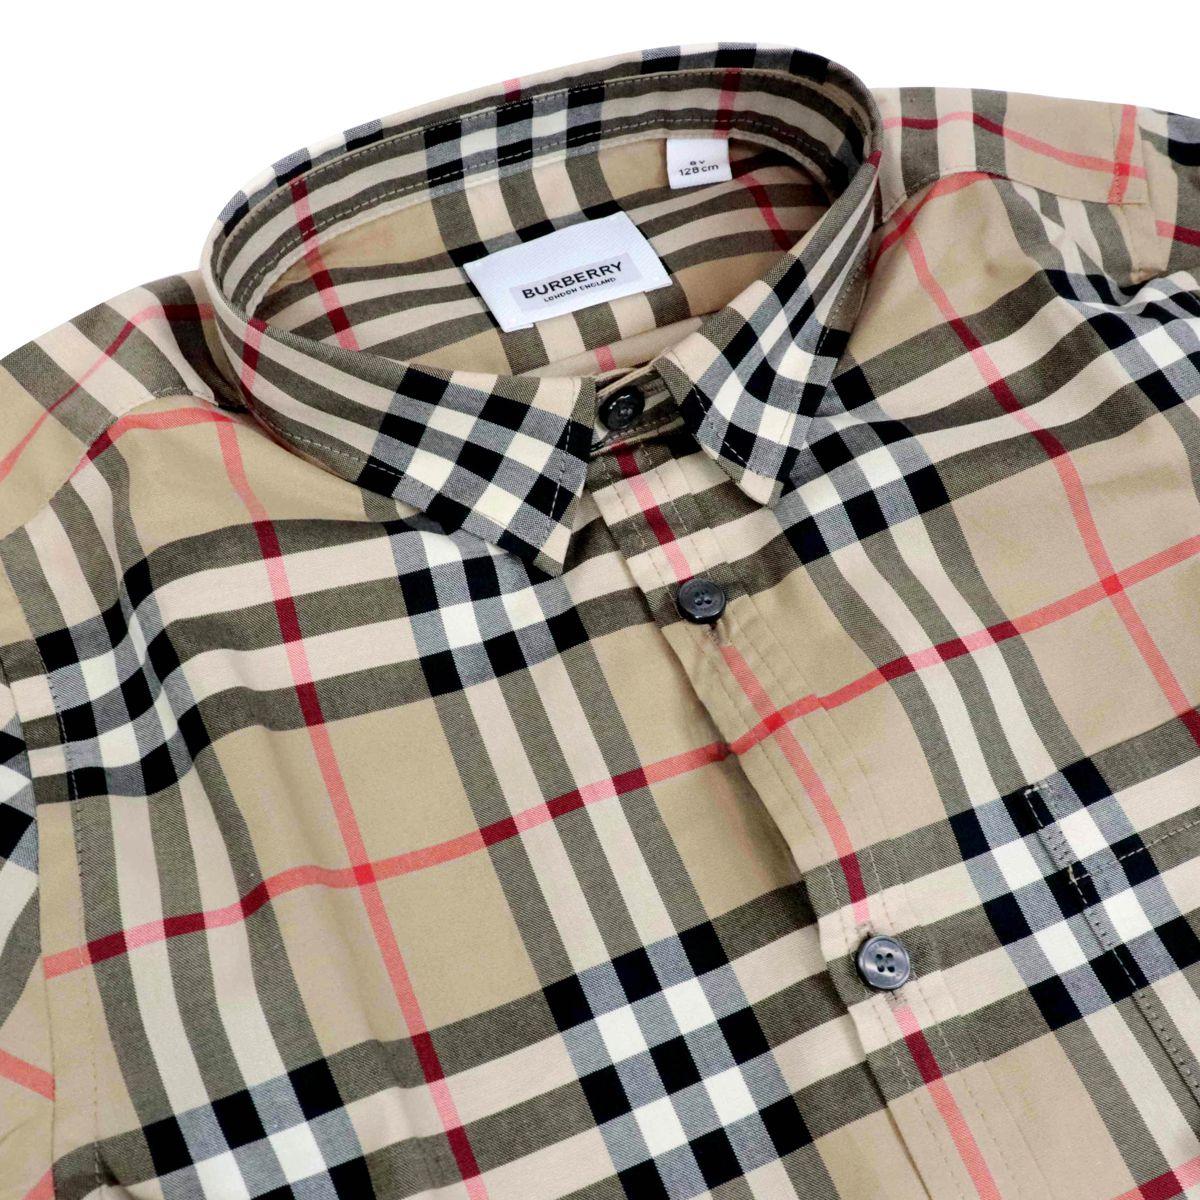 Camicia in cotone Fredrick con fantasia check Check beige Burberry